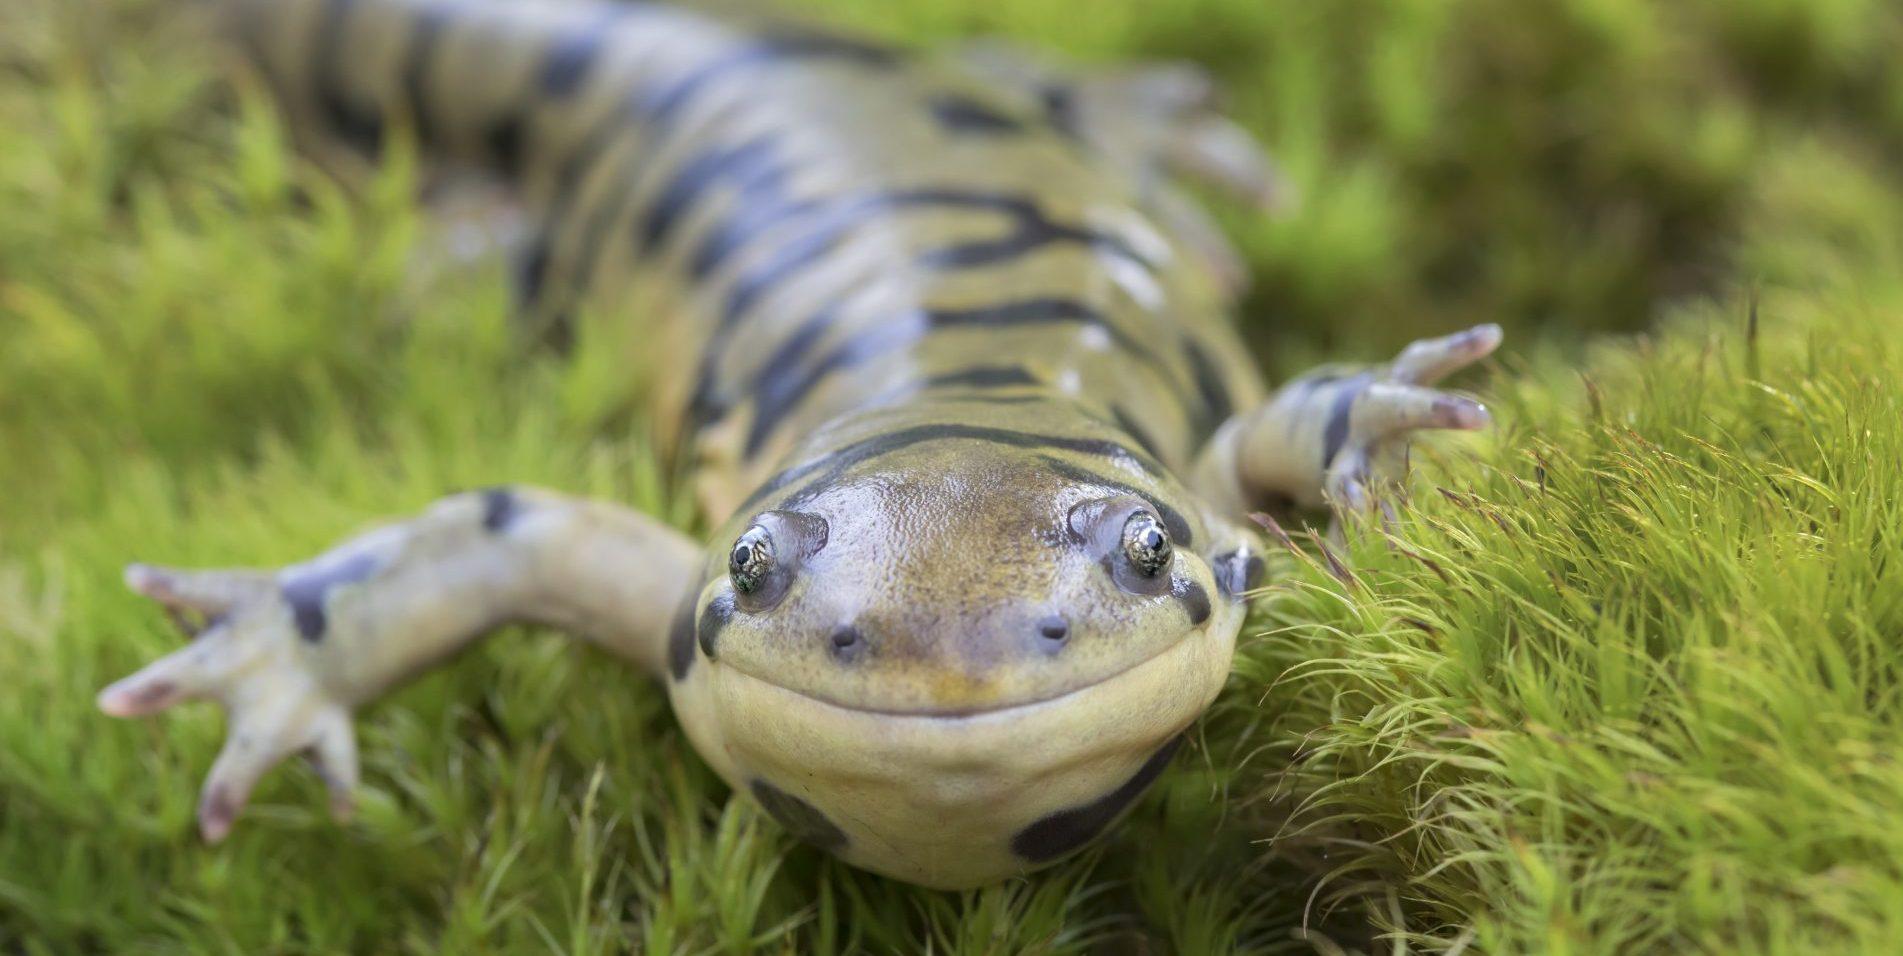 Barred Tiger Salamander (Ambystoma mavortium) smiling and crawling in moss